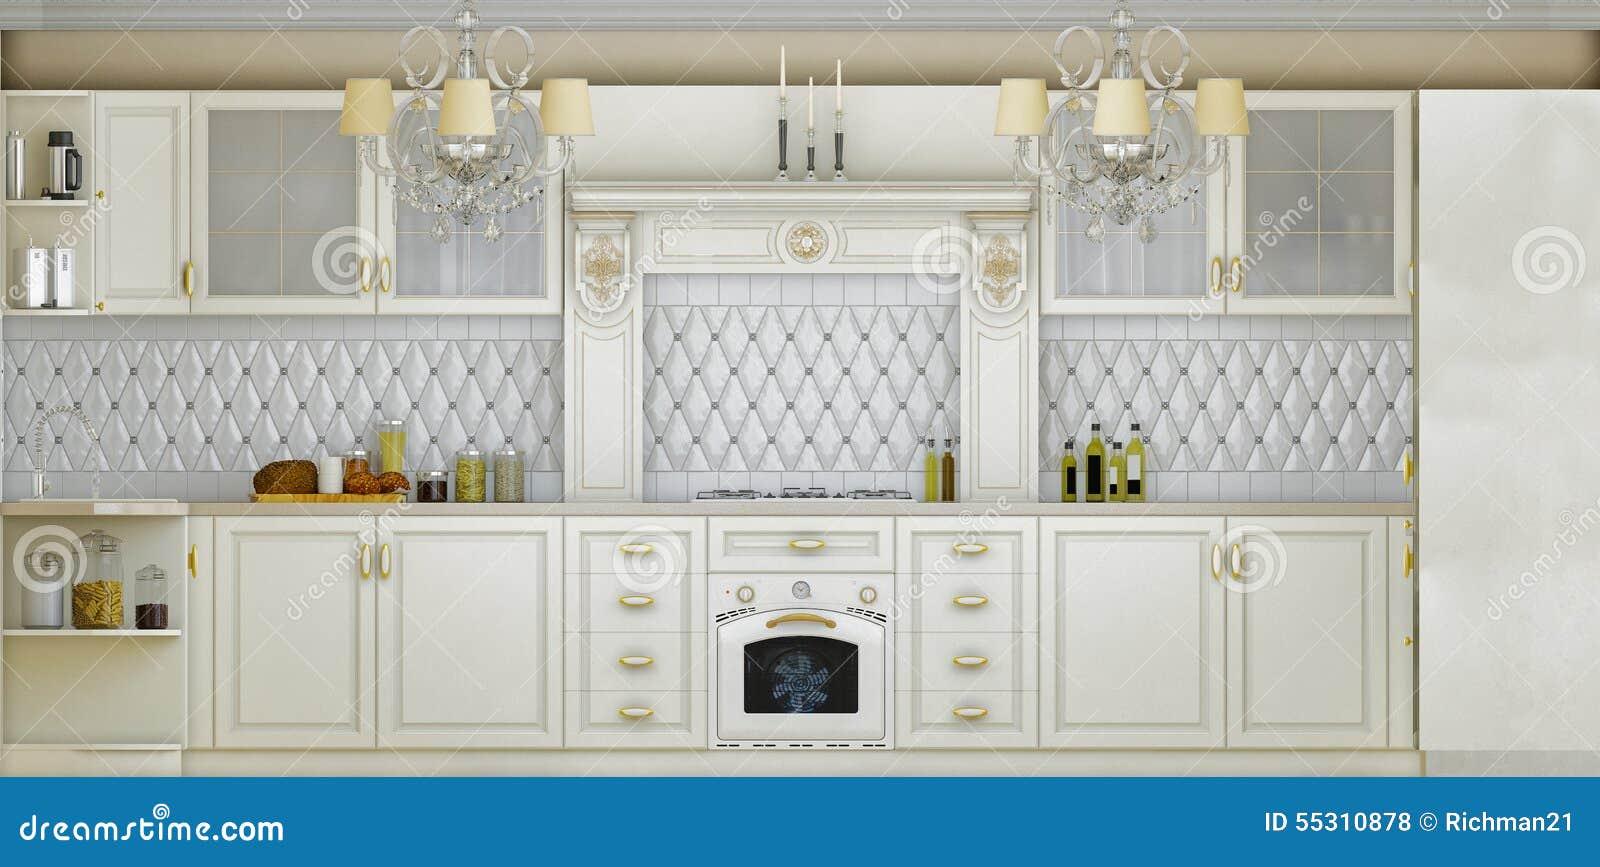 3D ilustracja biała kuchnia w klasycznym stylu